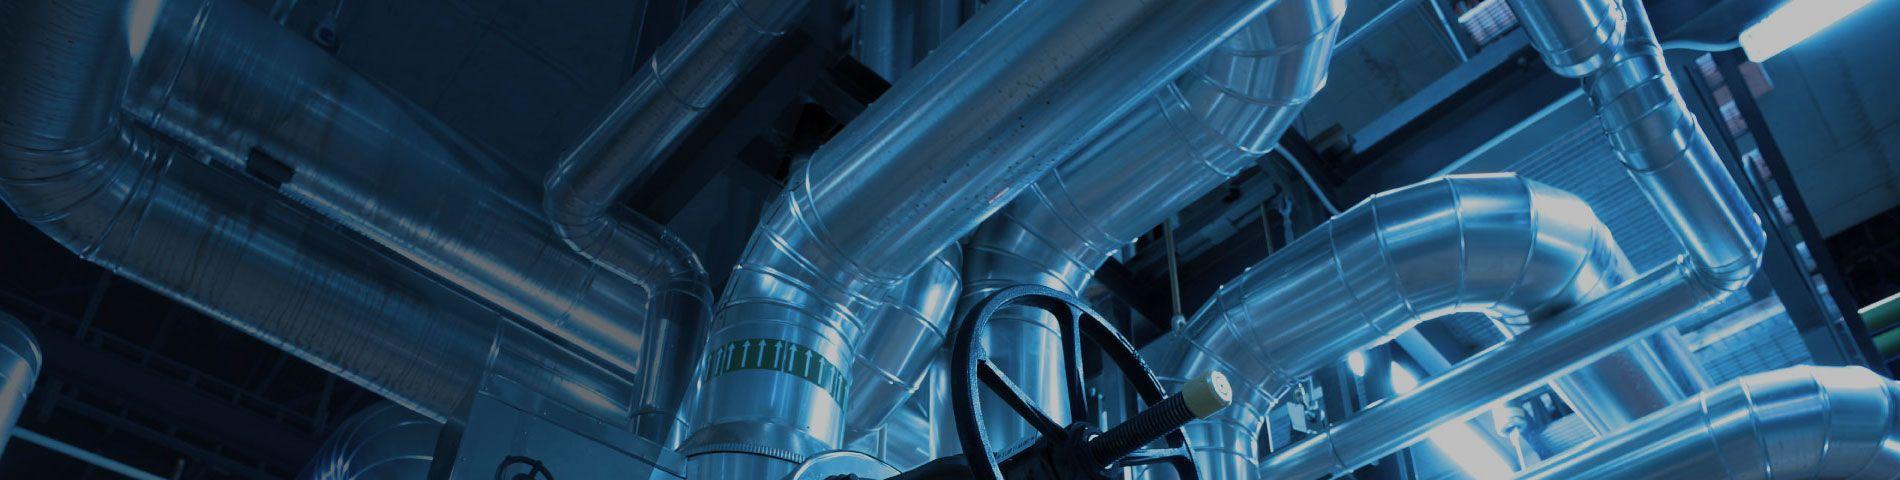 淨化水處理 賦予新價值 廢水處理廠